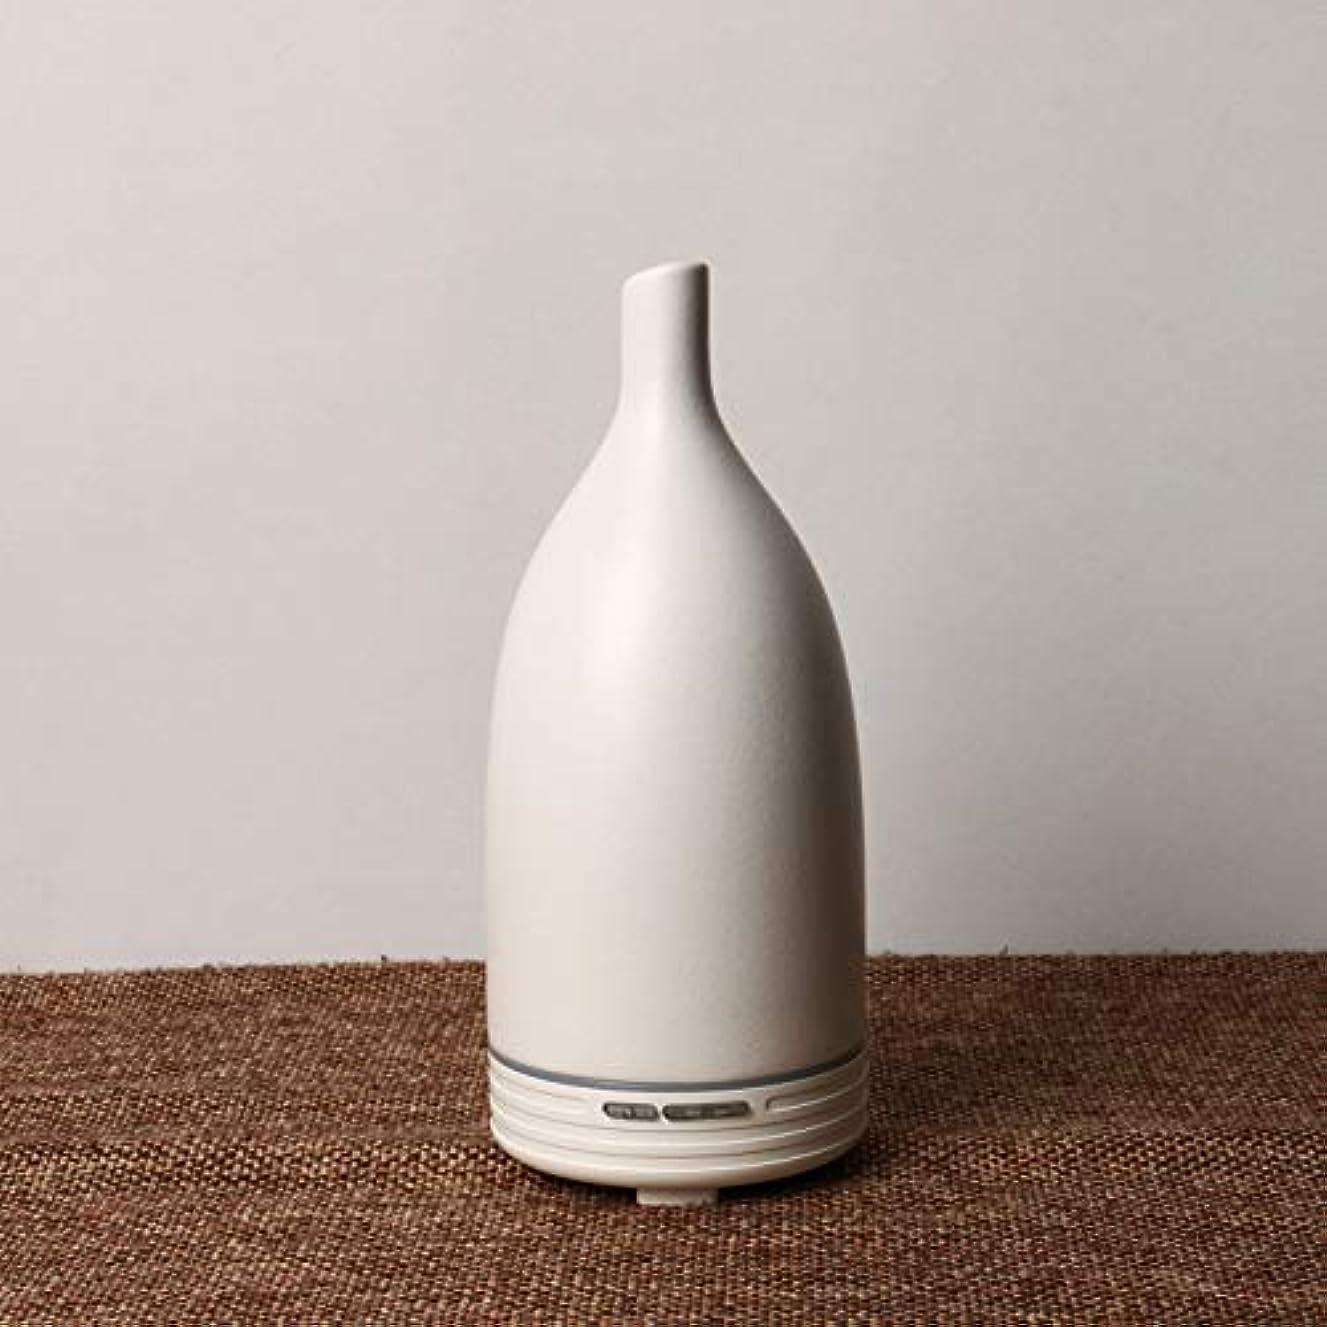 交流する小間売り手アロマディスペンサー精油加湿器陶磁器の材質は家庭の事務用に適しています。 (ホワイト)